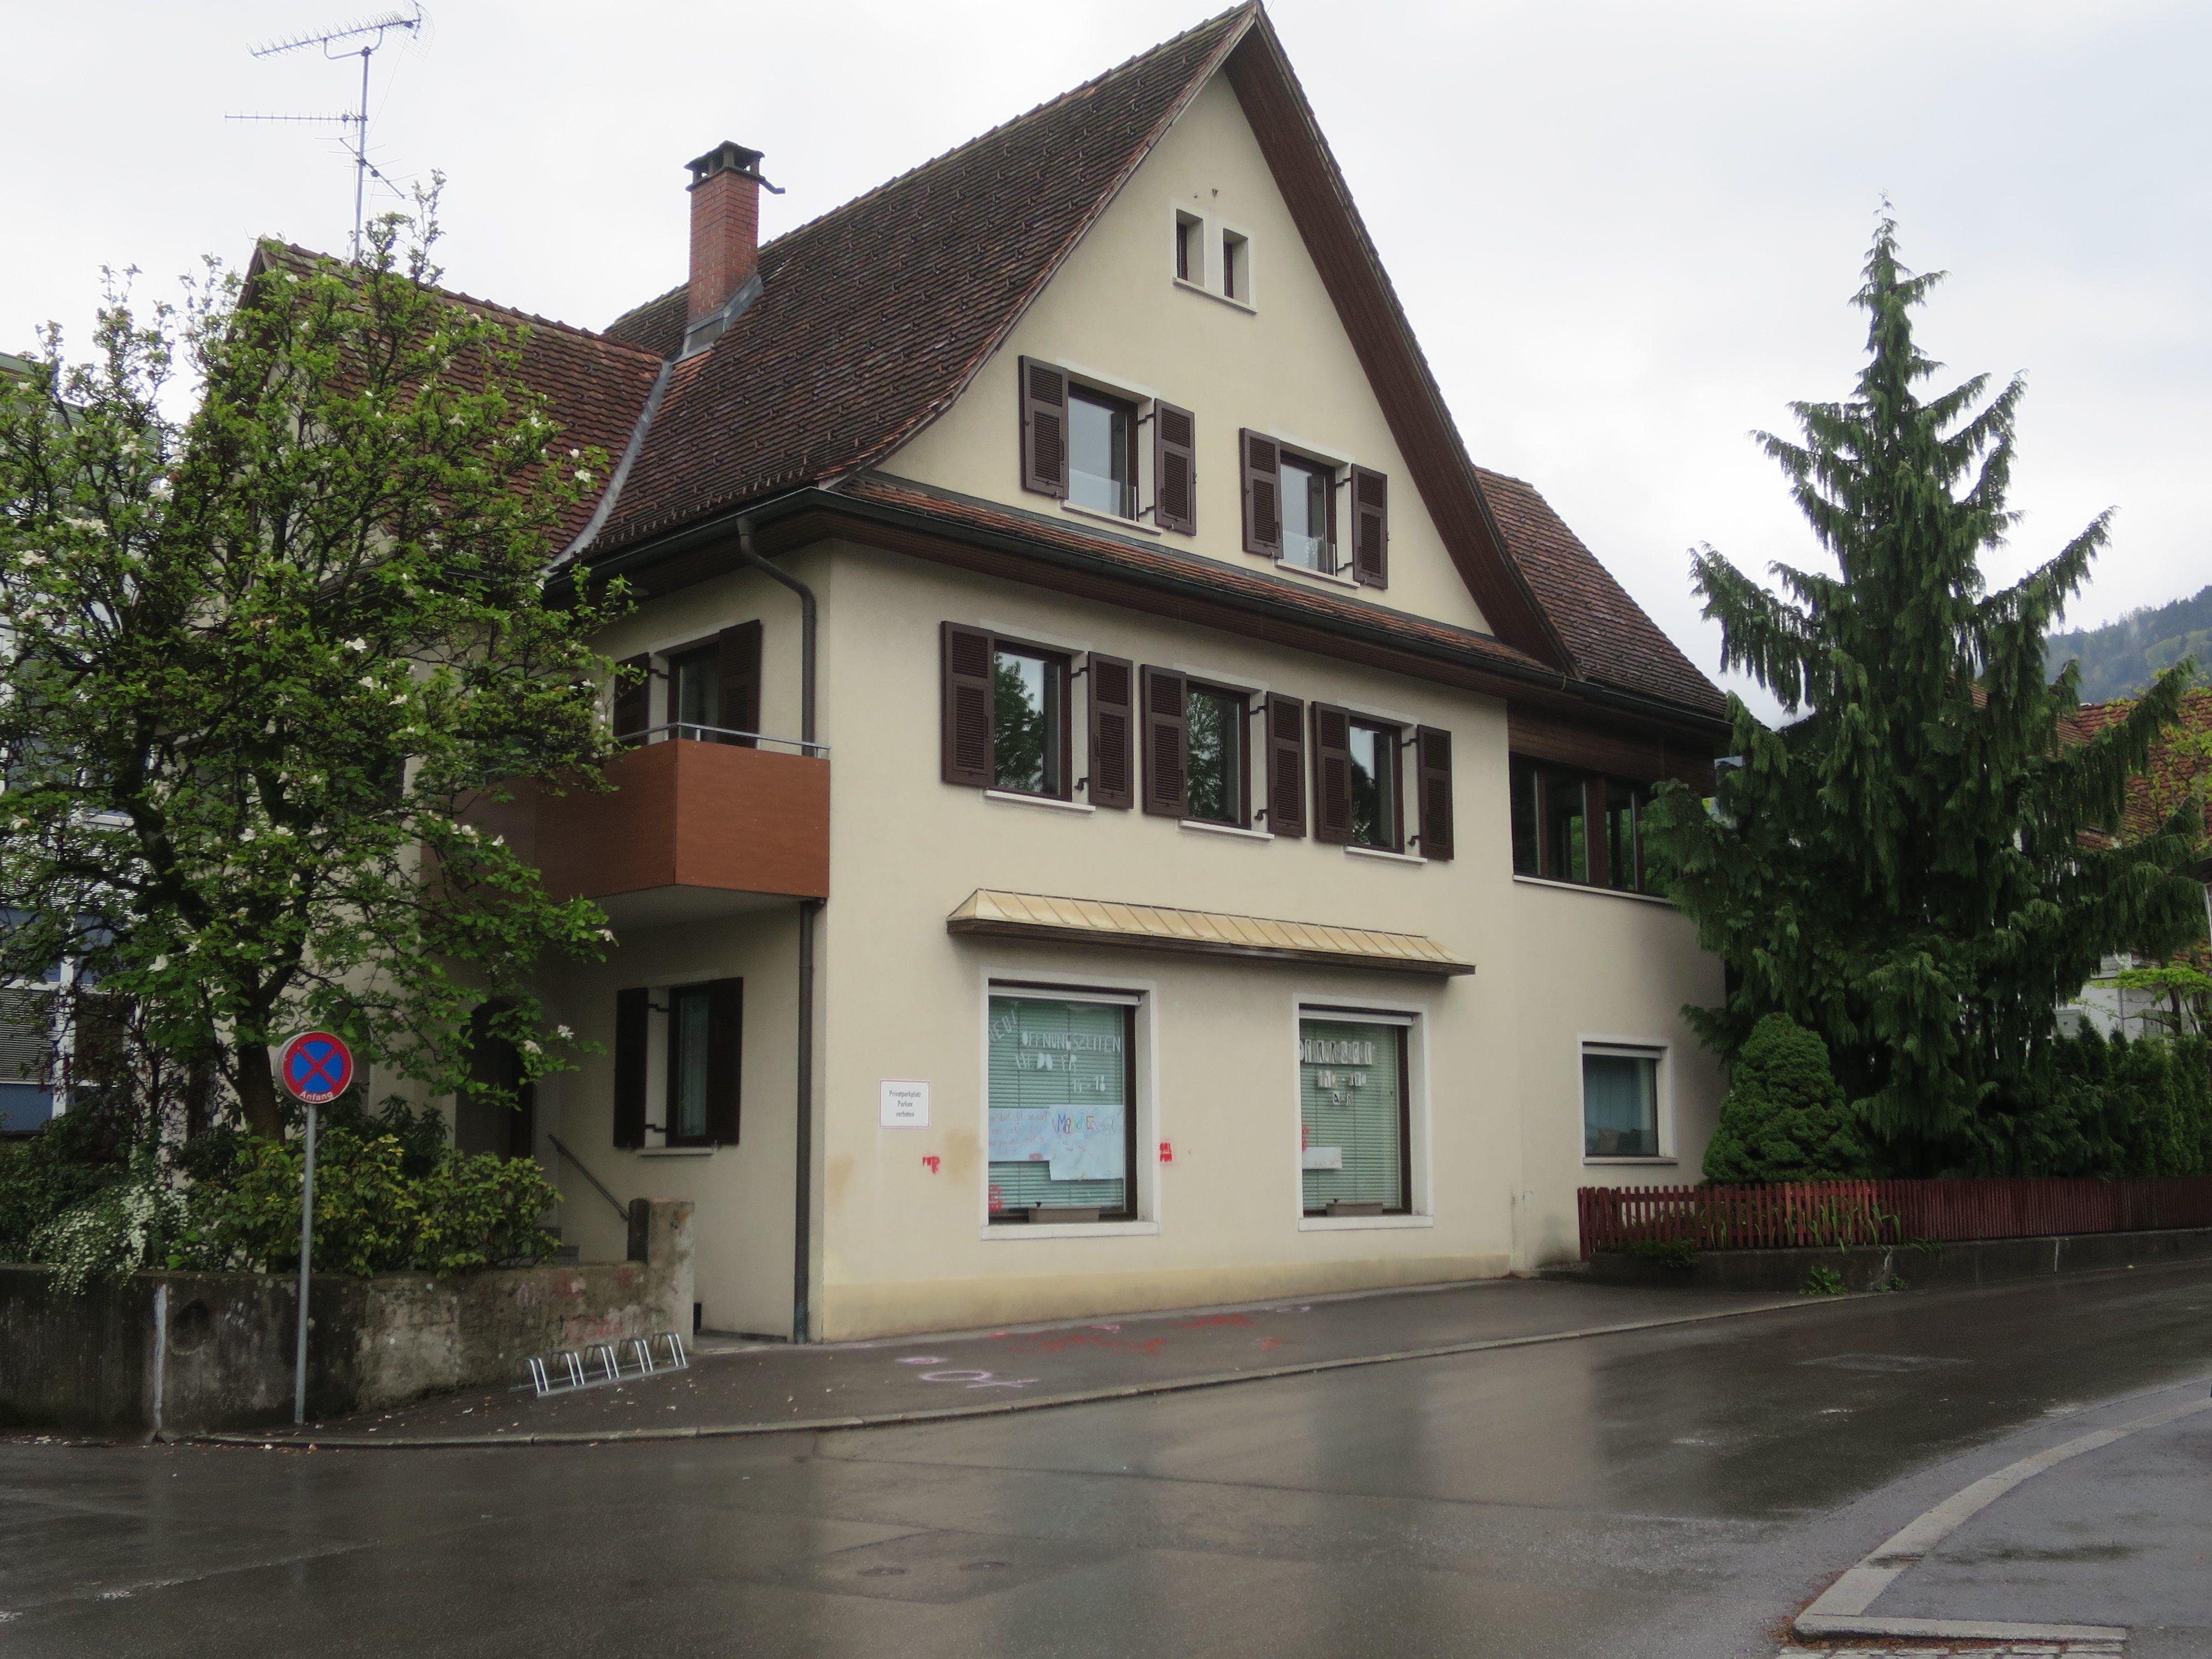 Treffen in Dornbirn - Bekanntschaften - Partnersuche